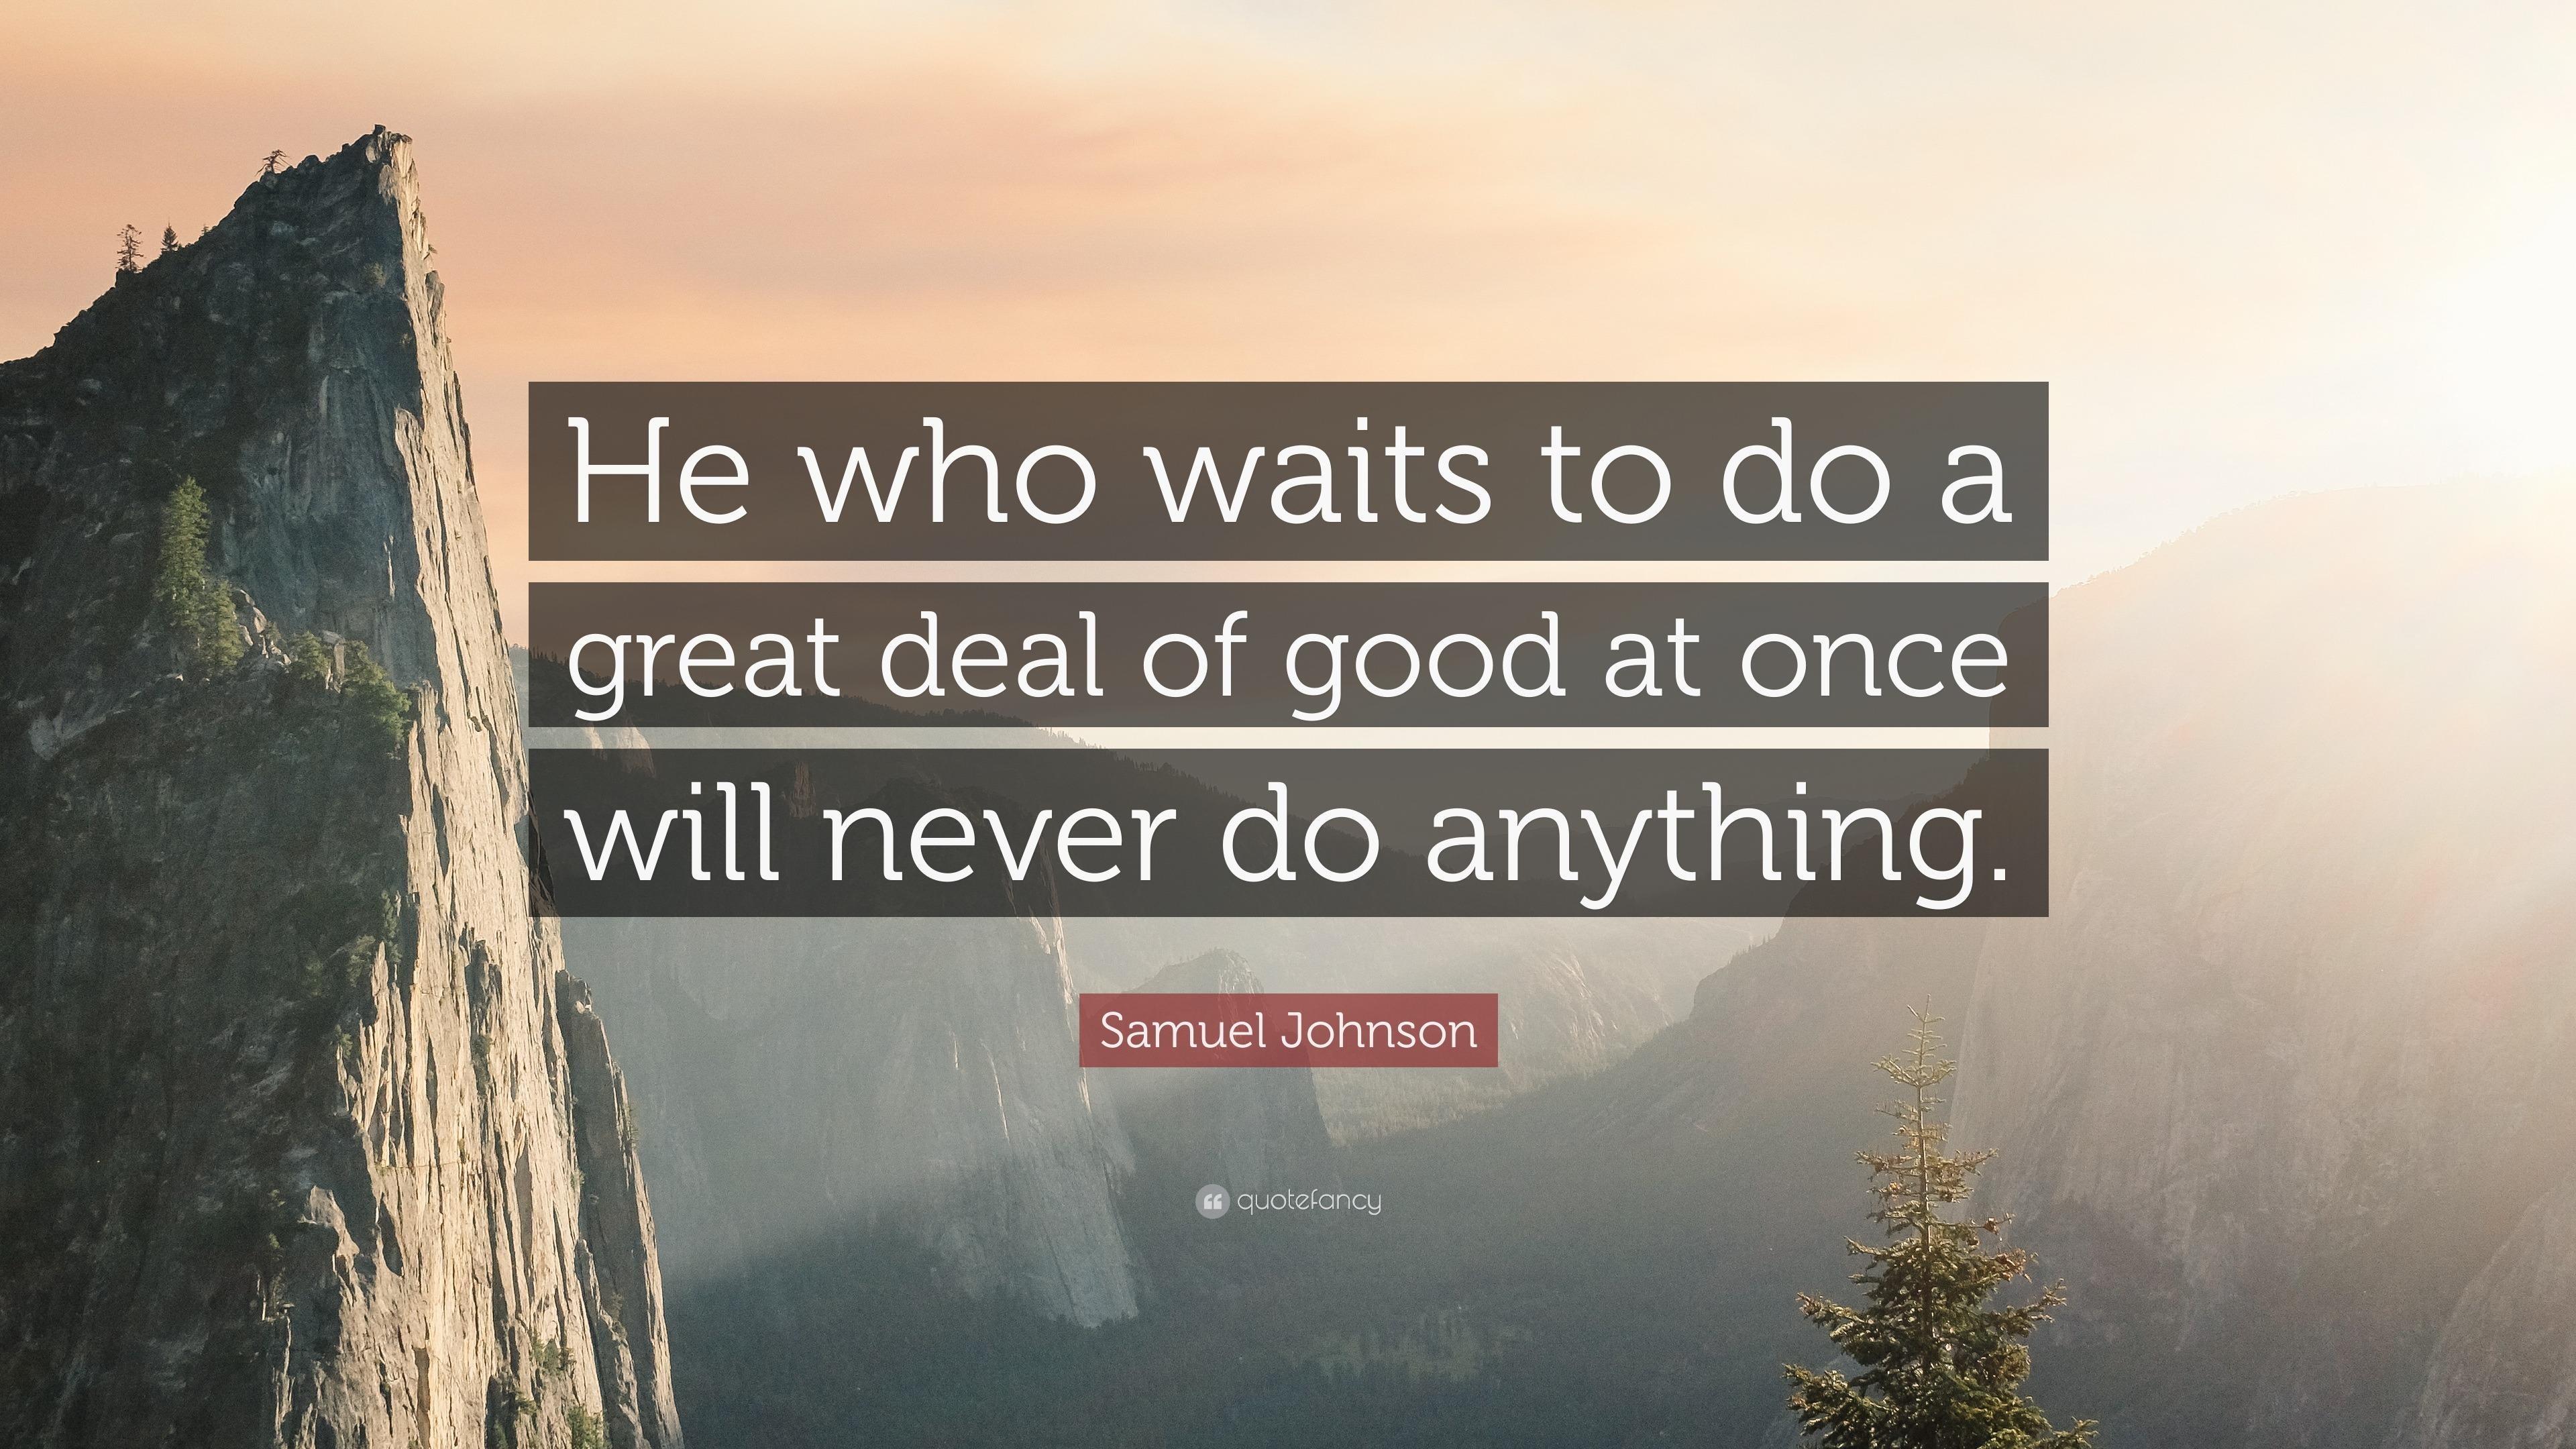 he who waits